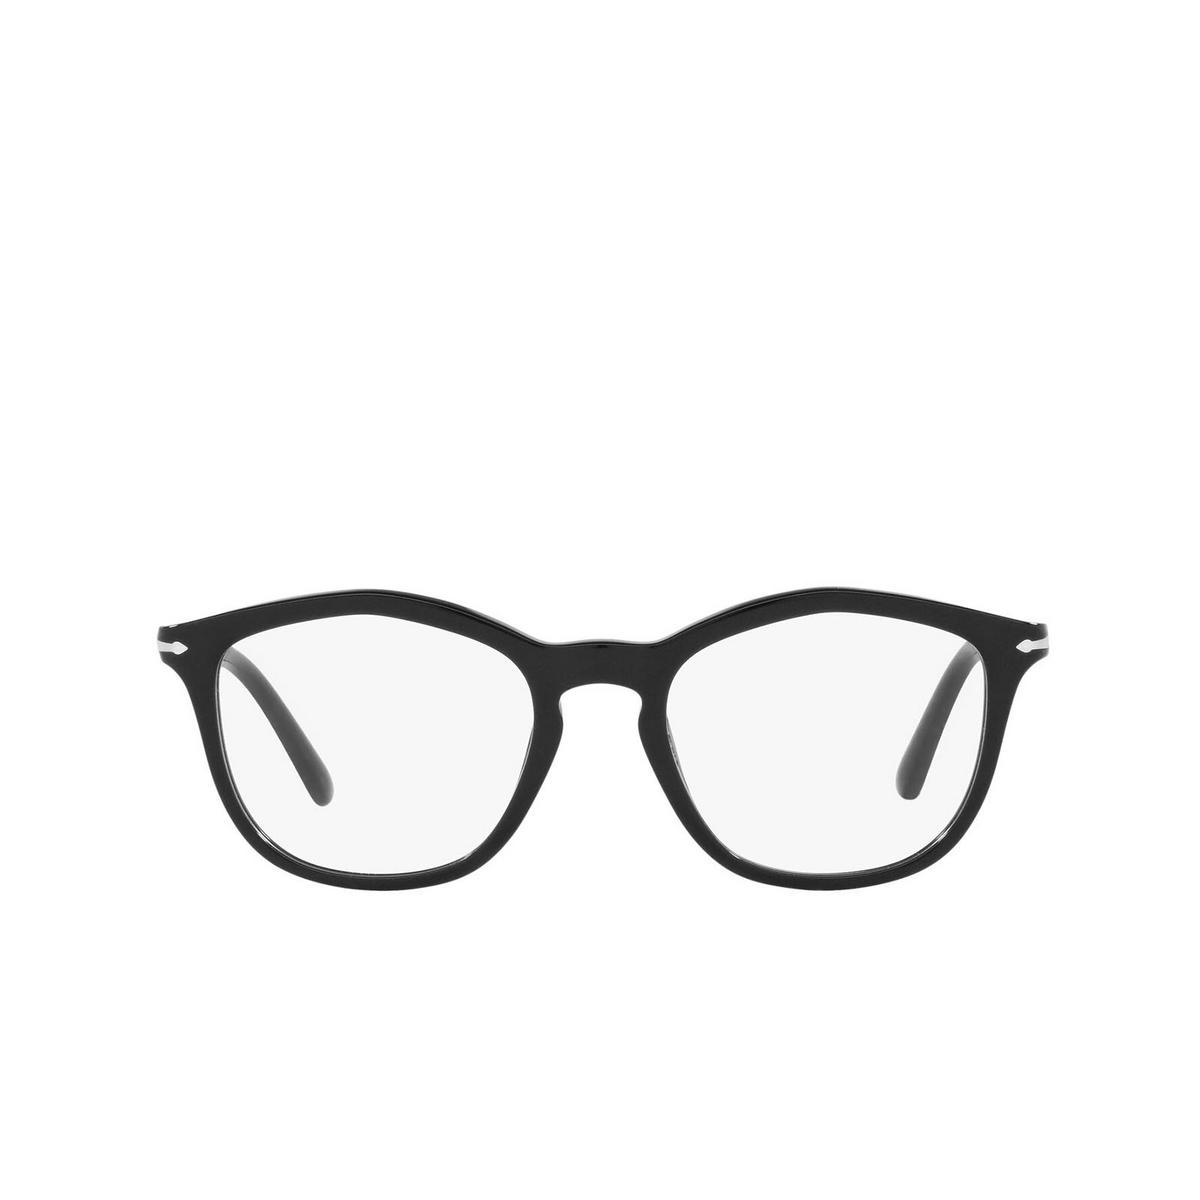 Persol® Irregular Eyeglasses: PO3267V color Black 95 - front view.